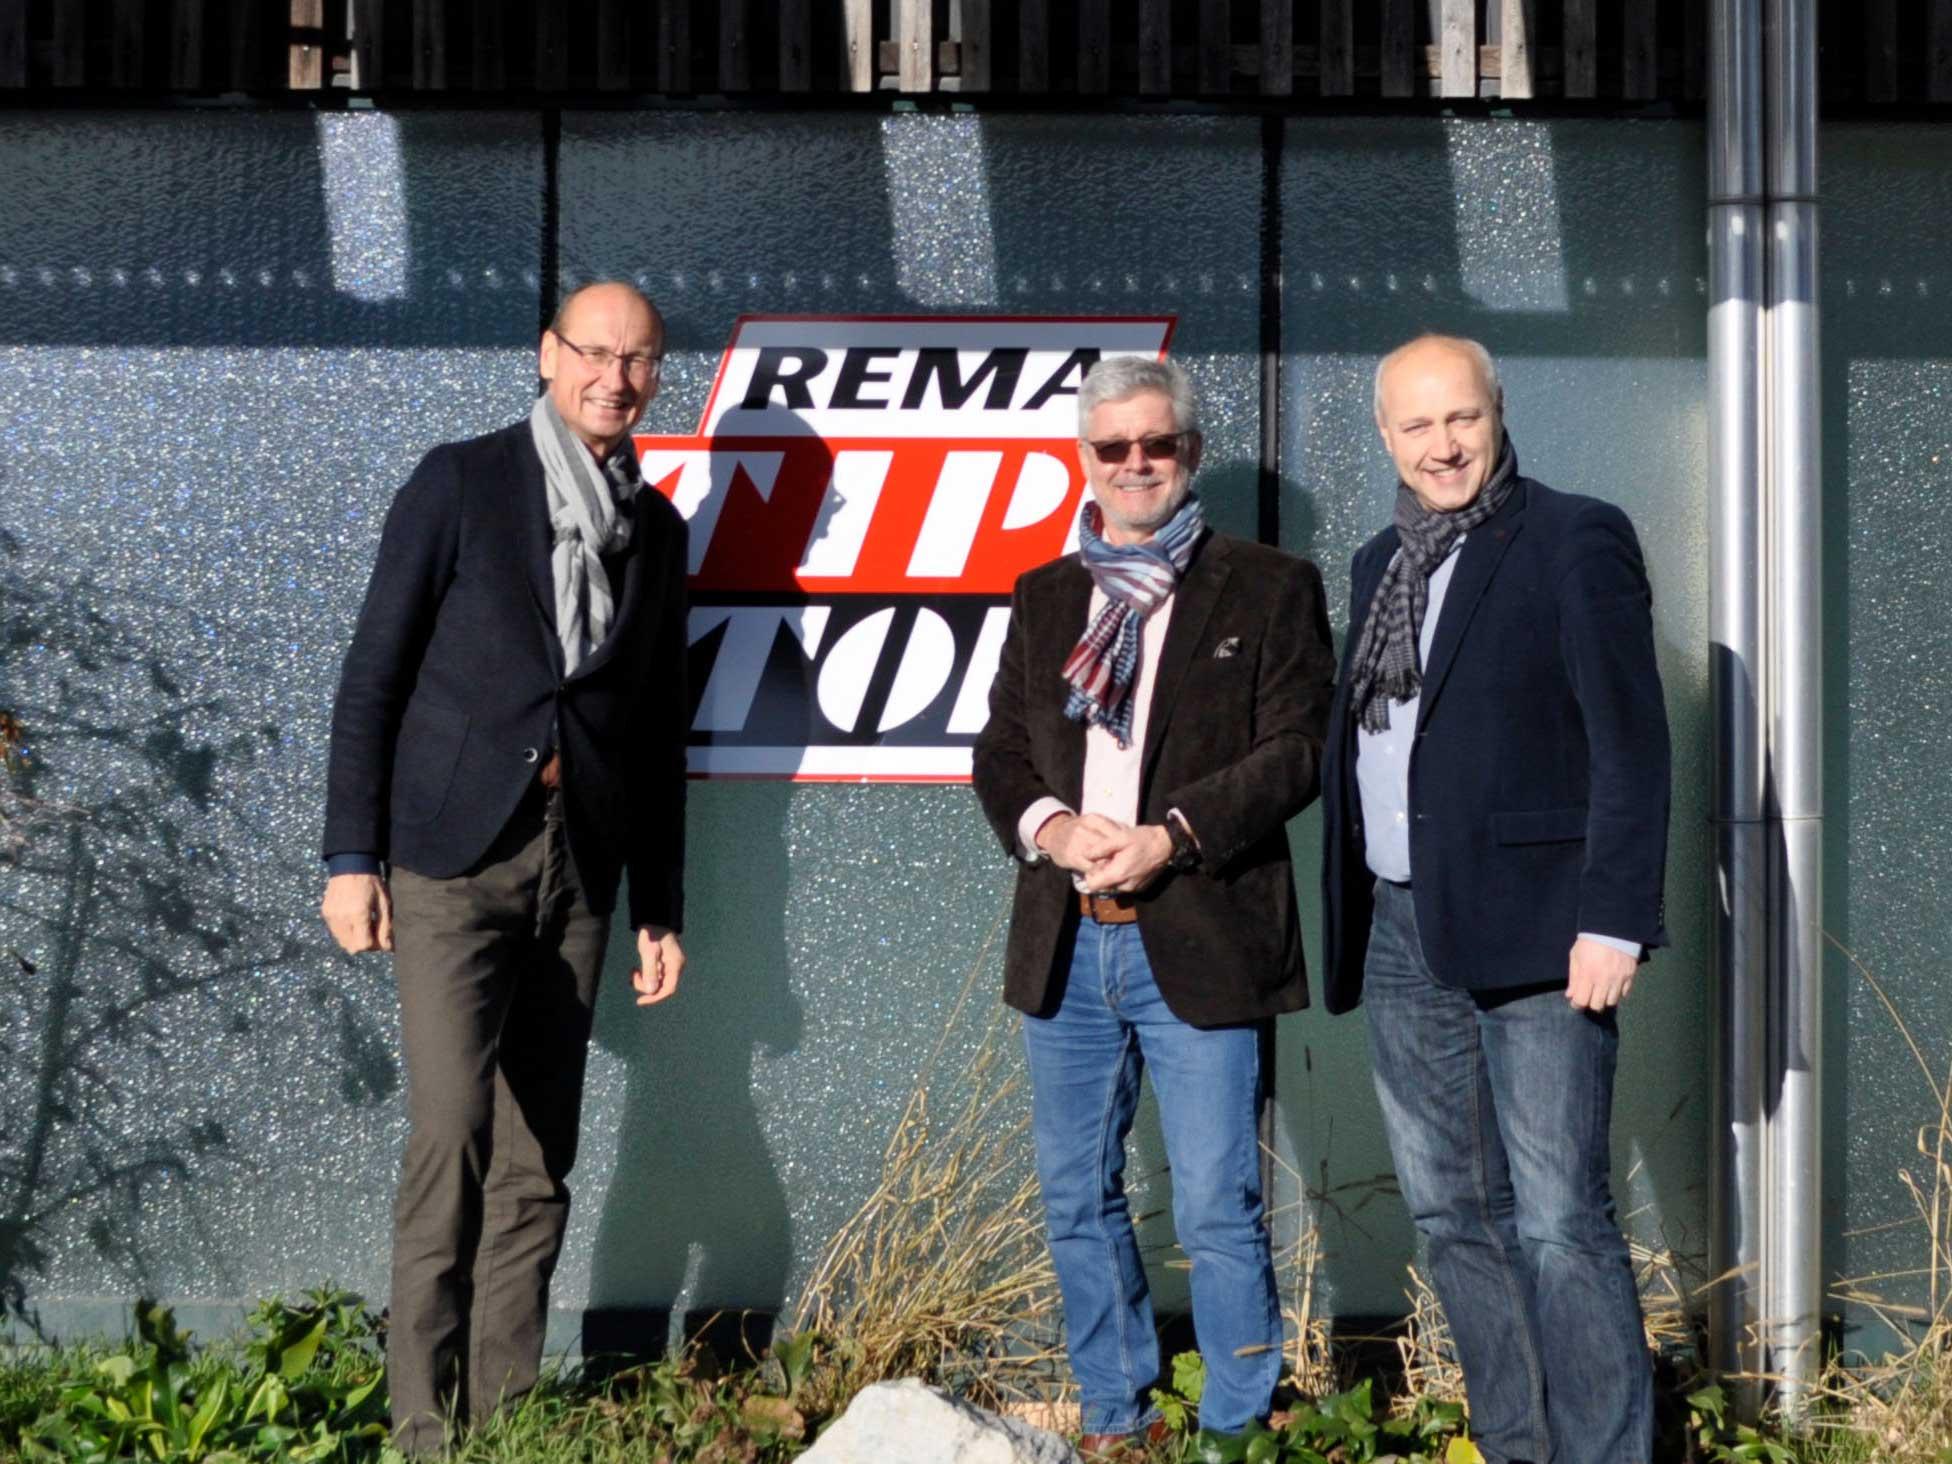 Neue Mieter am Ökopark Hartberg, Rema Tip Top GmbH